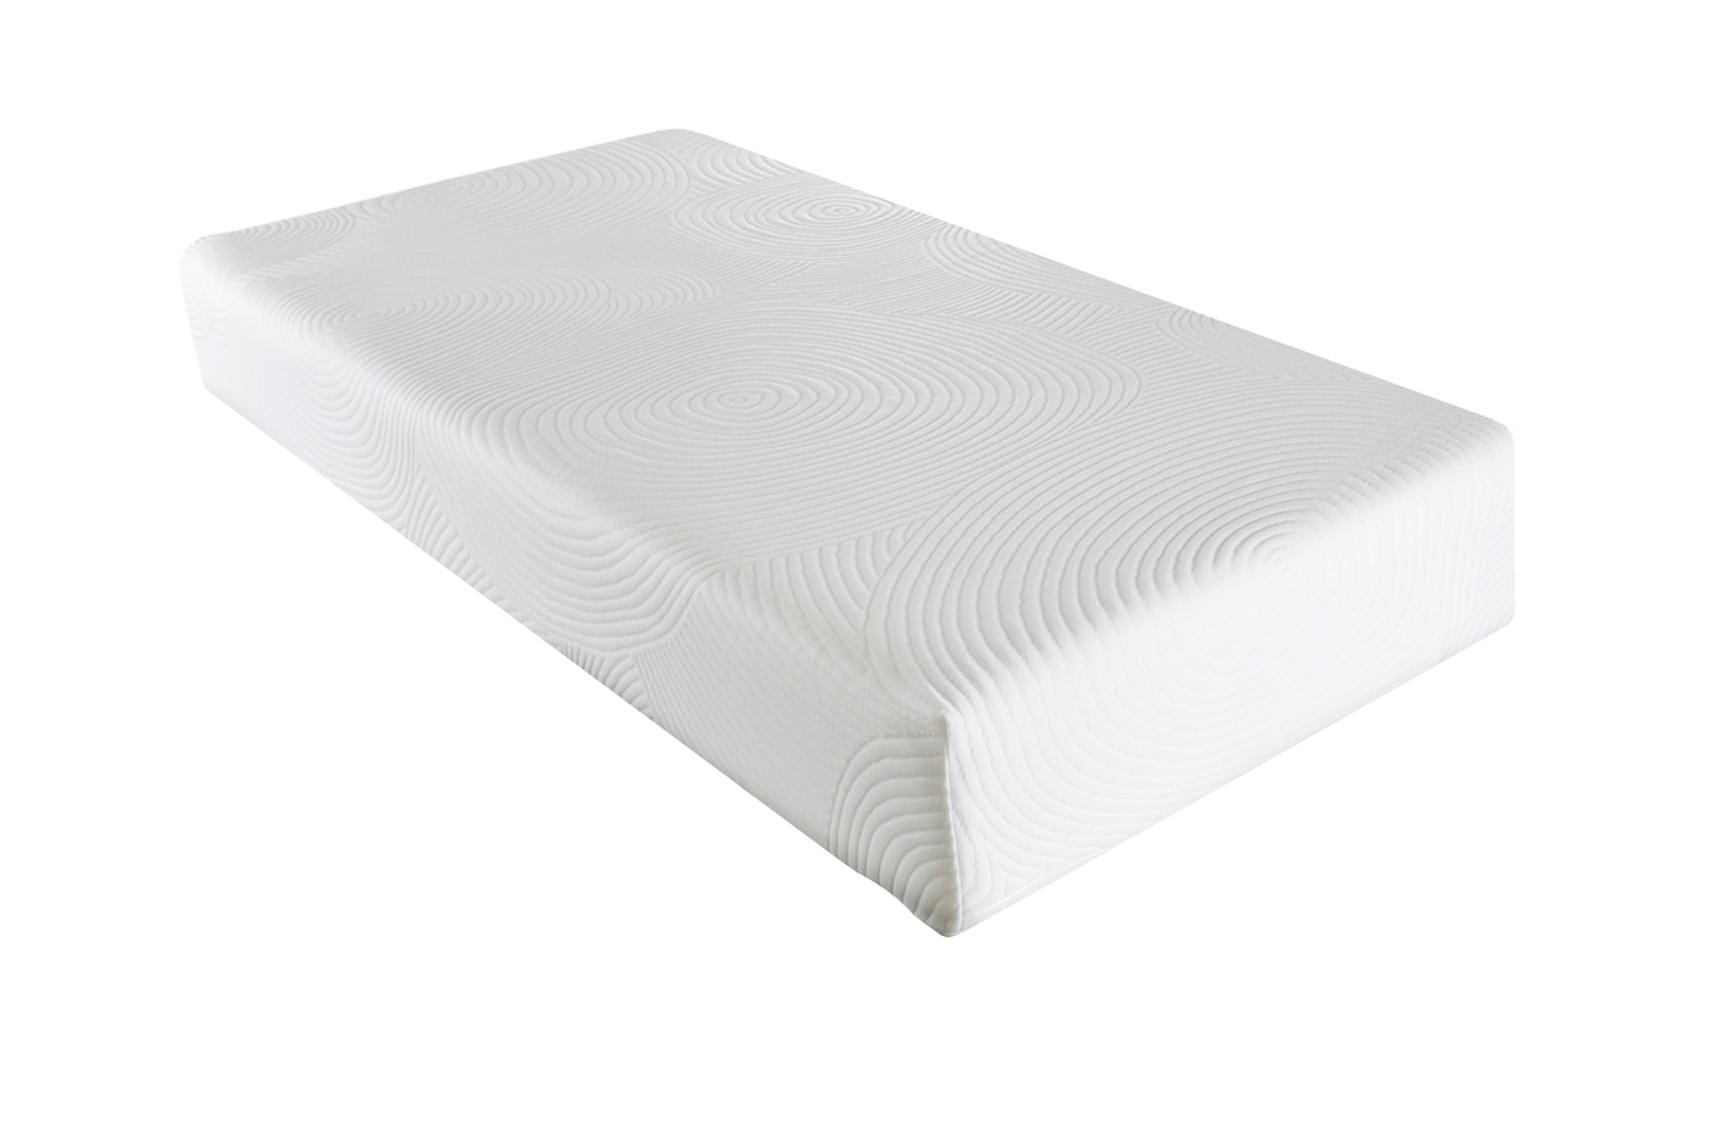 matelas souple et enveloppant m moire de formes homemaison vente en ligne matelas. Black Bedroom Furniture Sets. Home Design Ideas